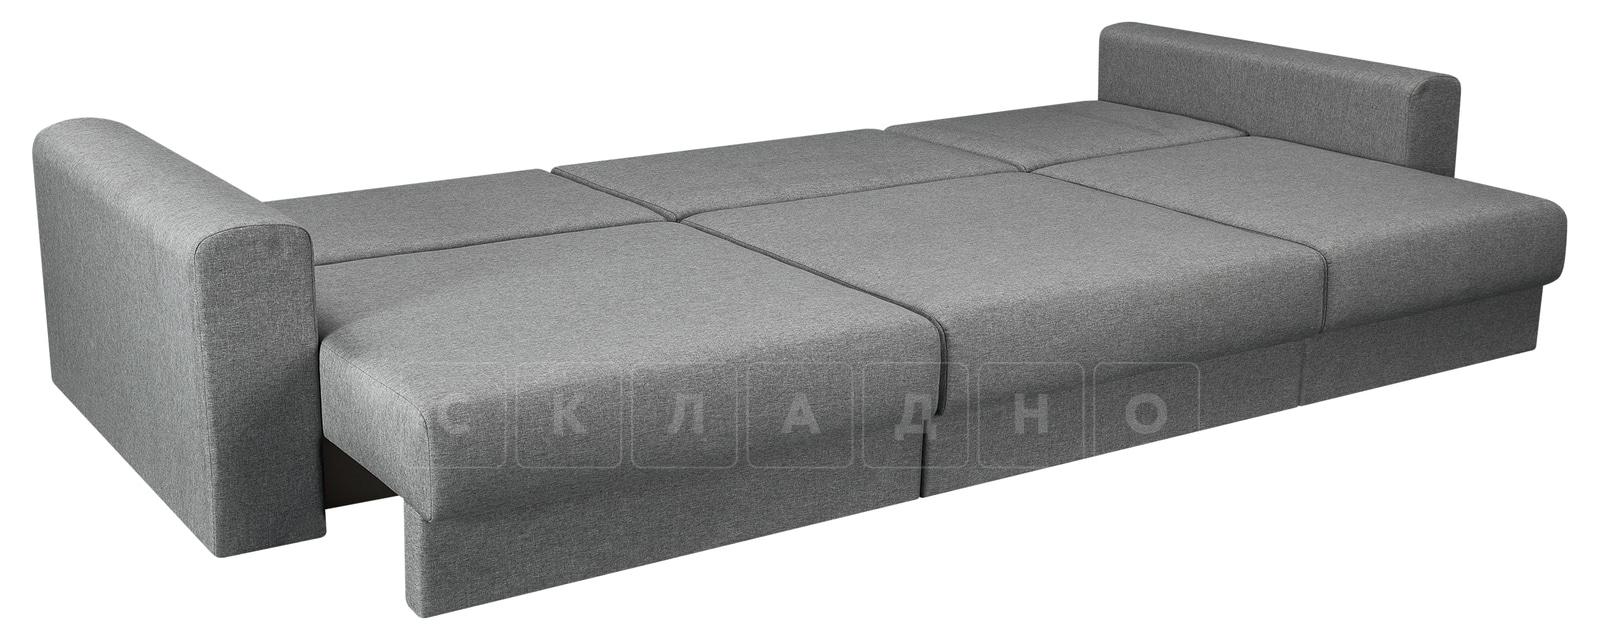 Диван Медисон серый 325 см фото 4 | интернет-магазин Складно